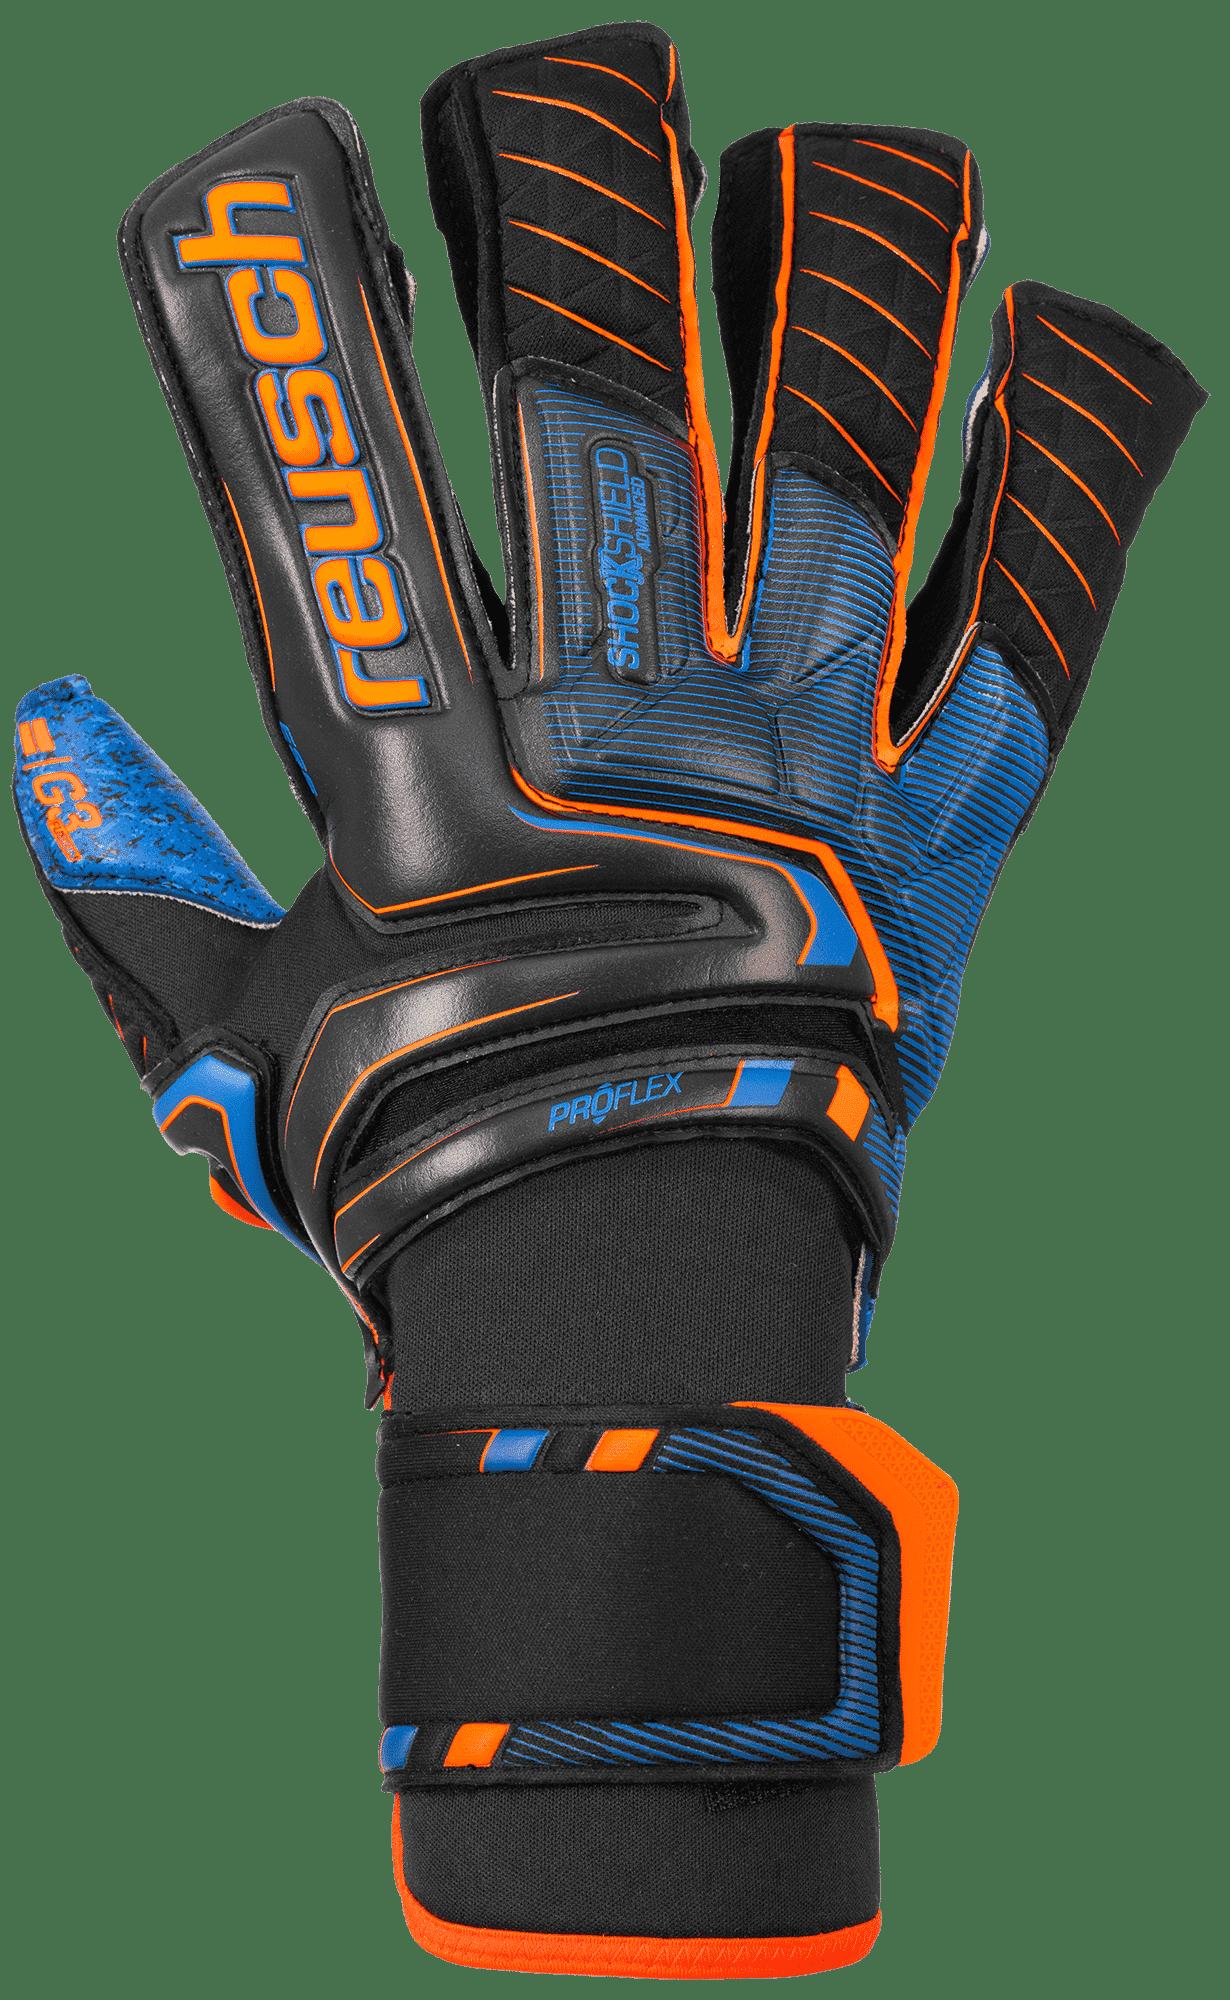 gants-reusch-attrakt-orhtotec-2